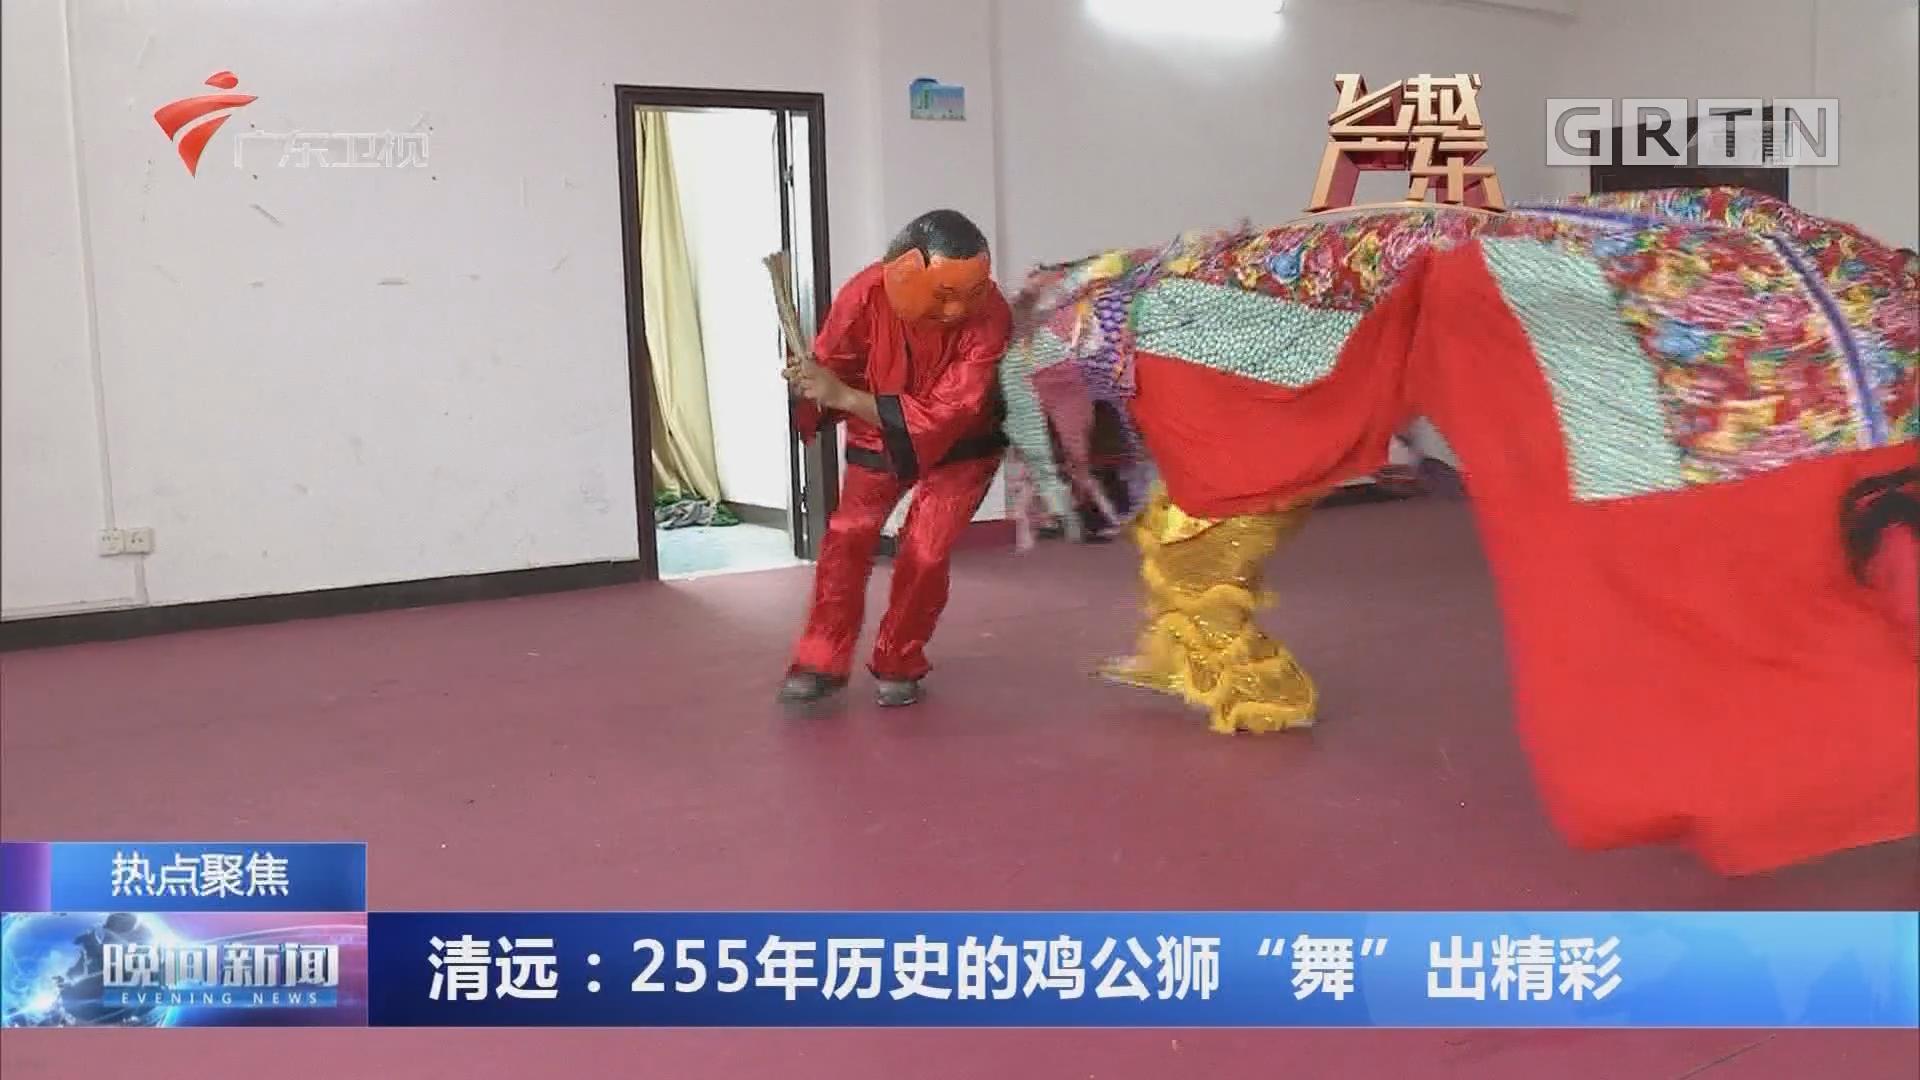 """清远:255年历史的鸡公狮""""舞""""出精彩"""